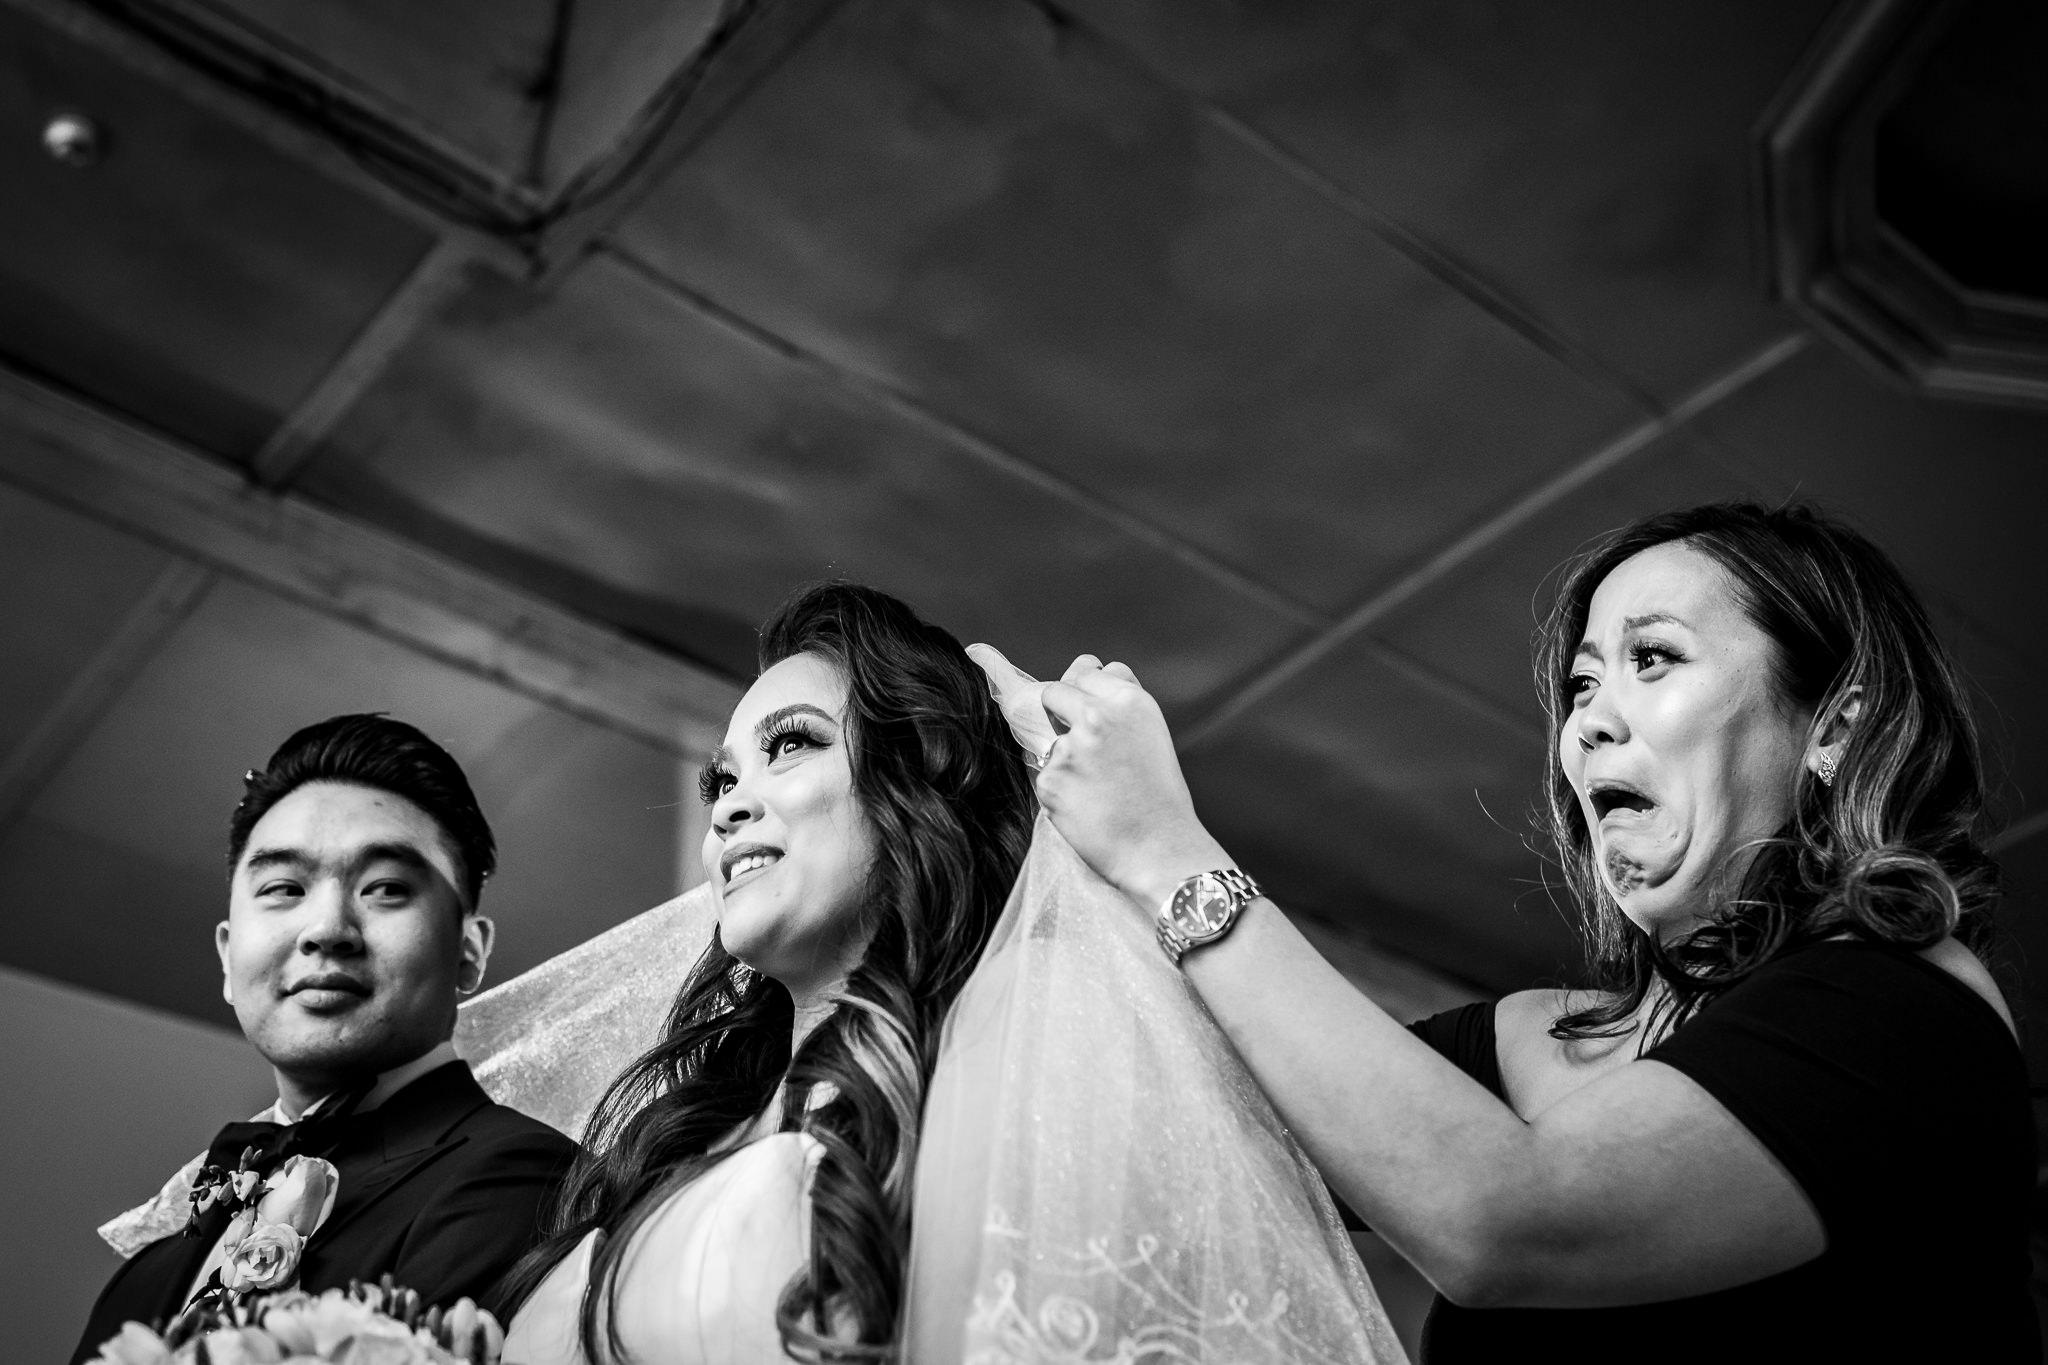 berkeley-wedding-photos-44.jpg